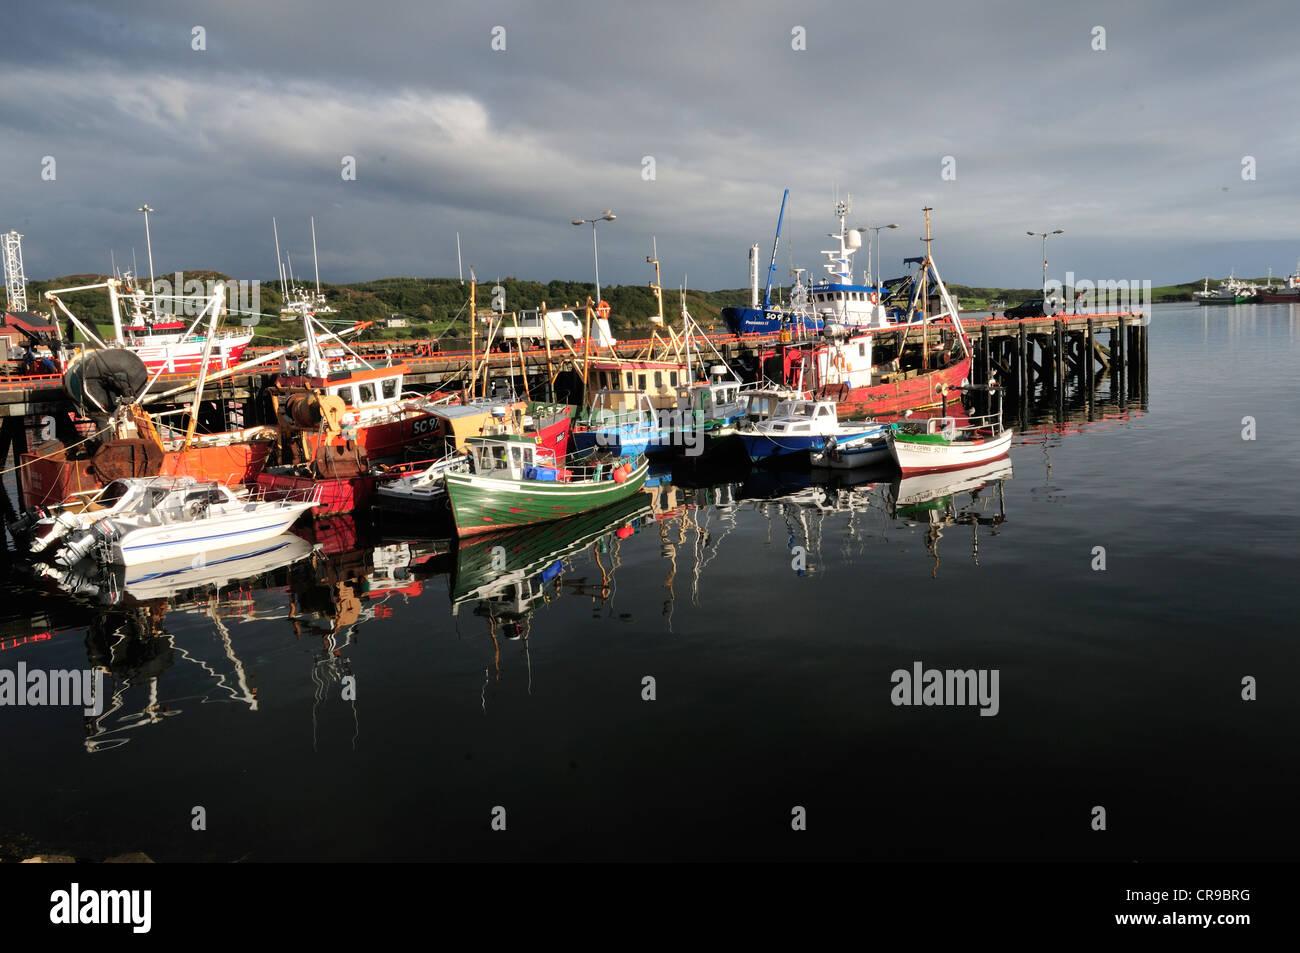 Le navi da pesca nel porto di Killbegs, Donegal, Irlanda, Europa Immagini Stock